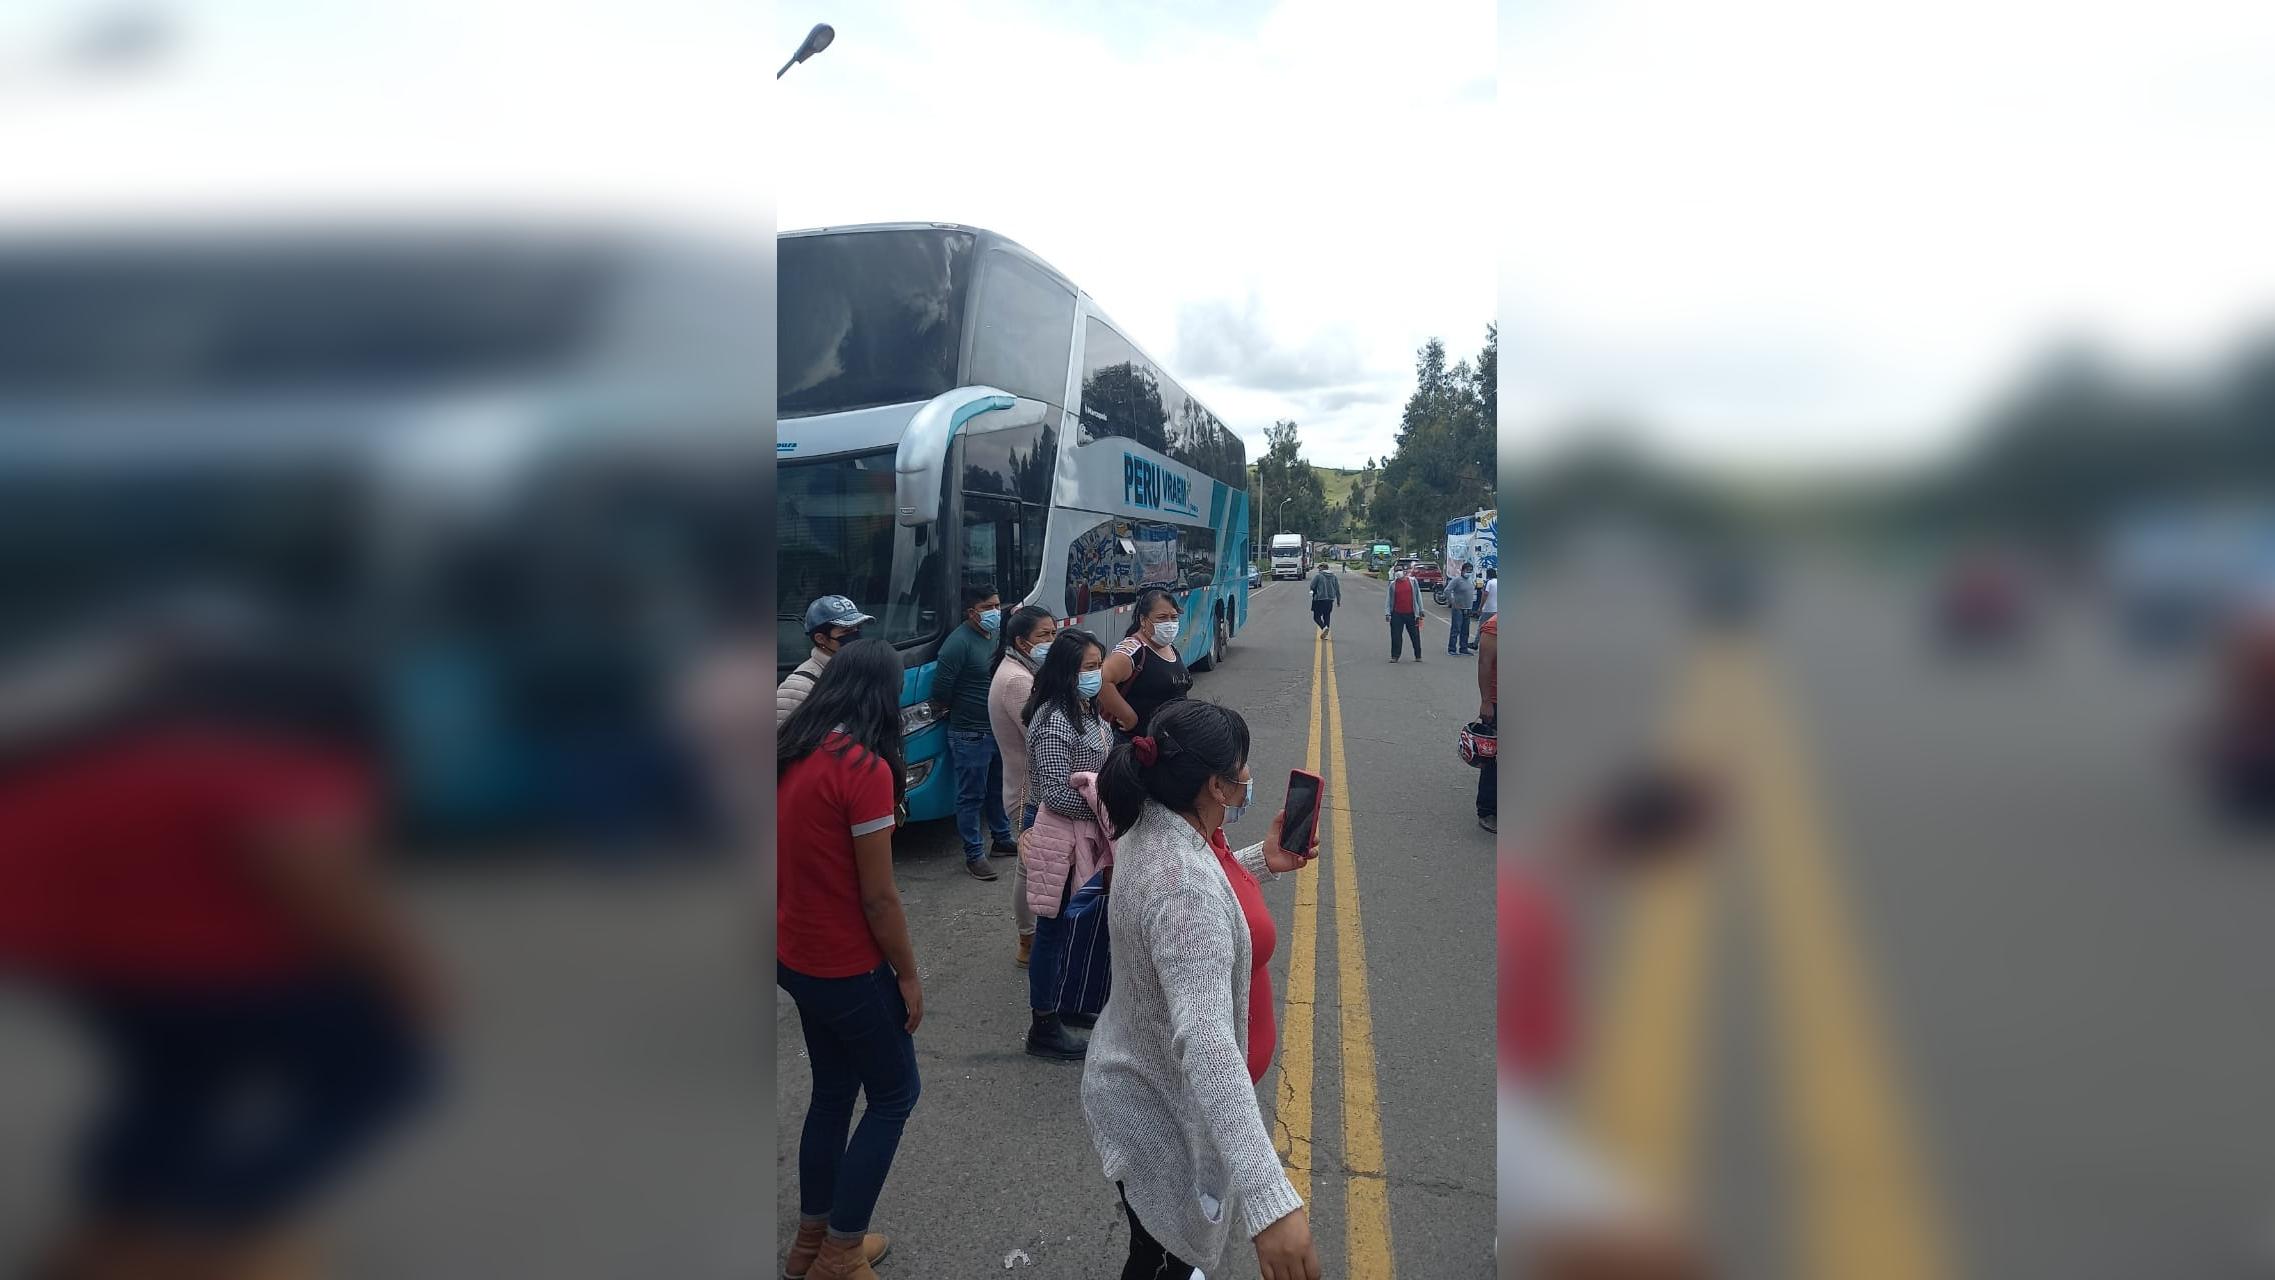 Los carros informales vienen aprovechando la coyuntura y sorprendiendo a los pasajeros cobrando más de 120 soles para el viaje de Ayacucho a Lima.